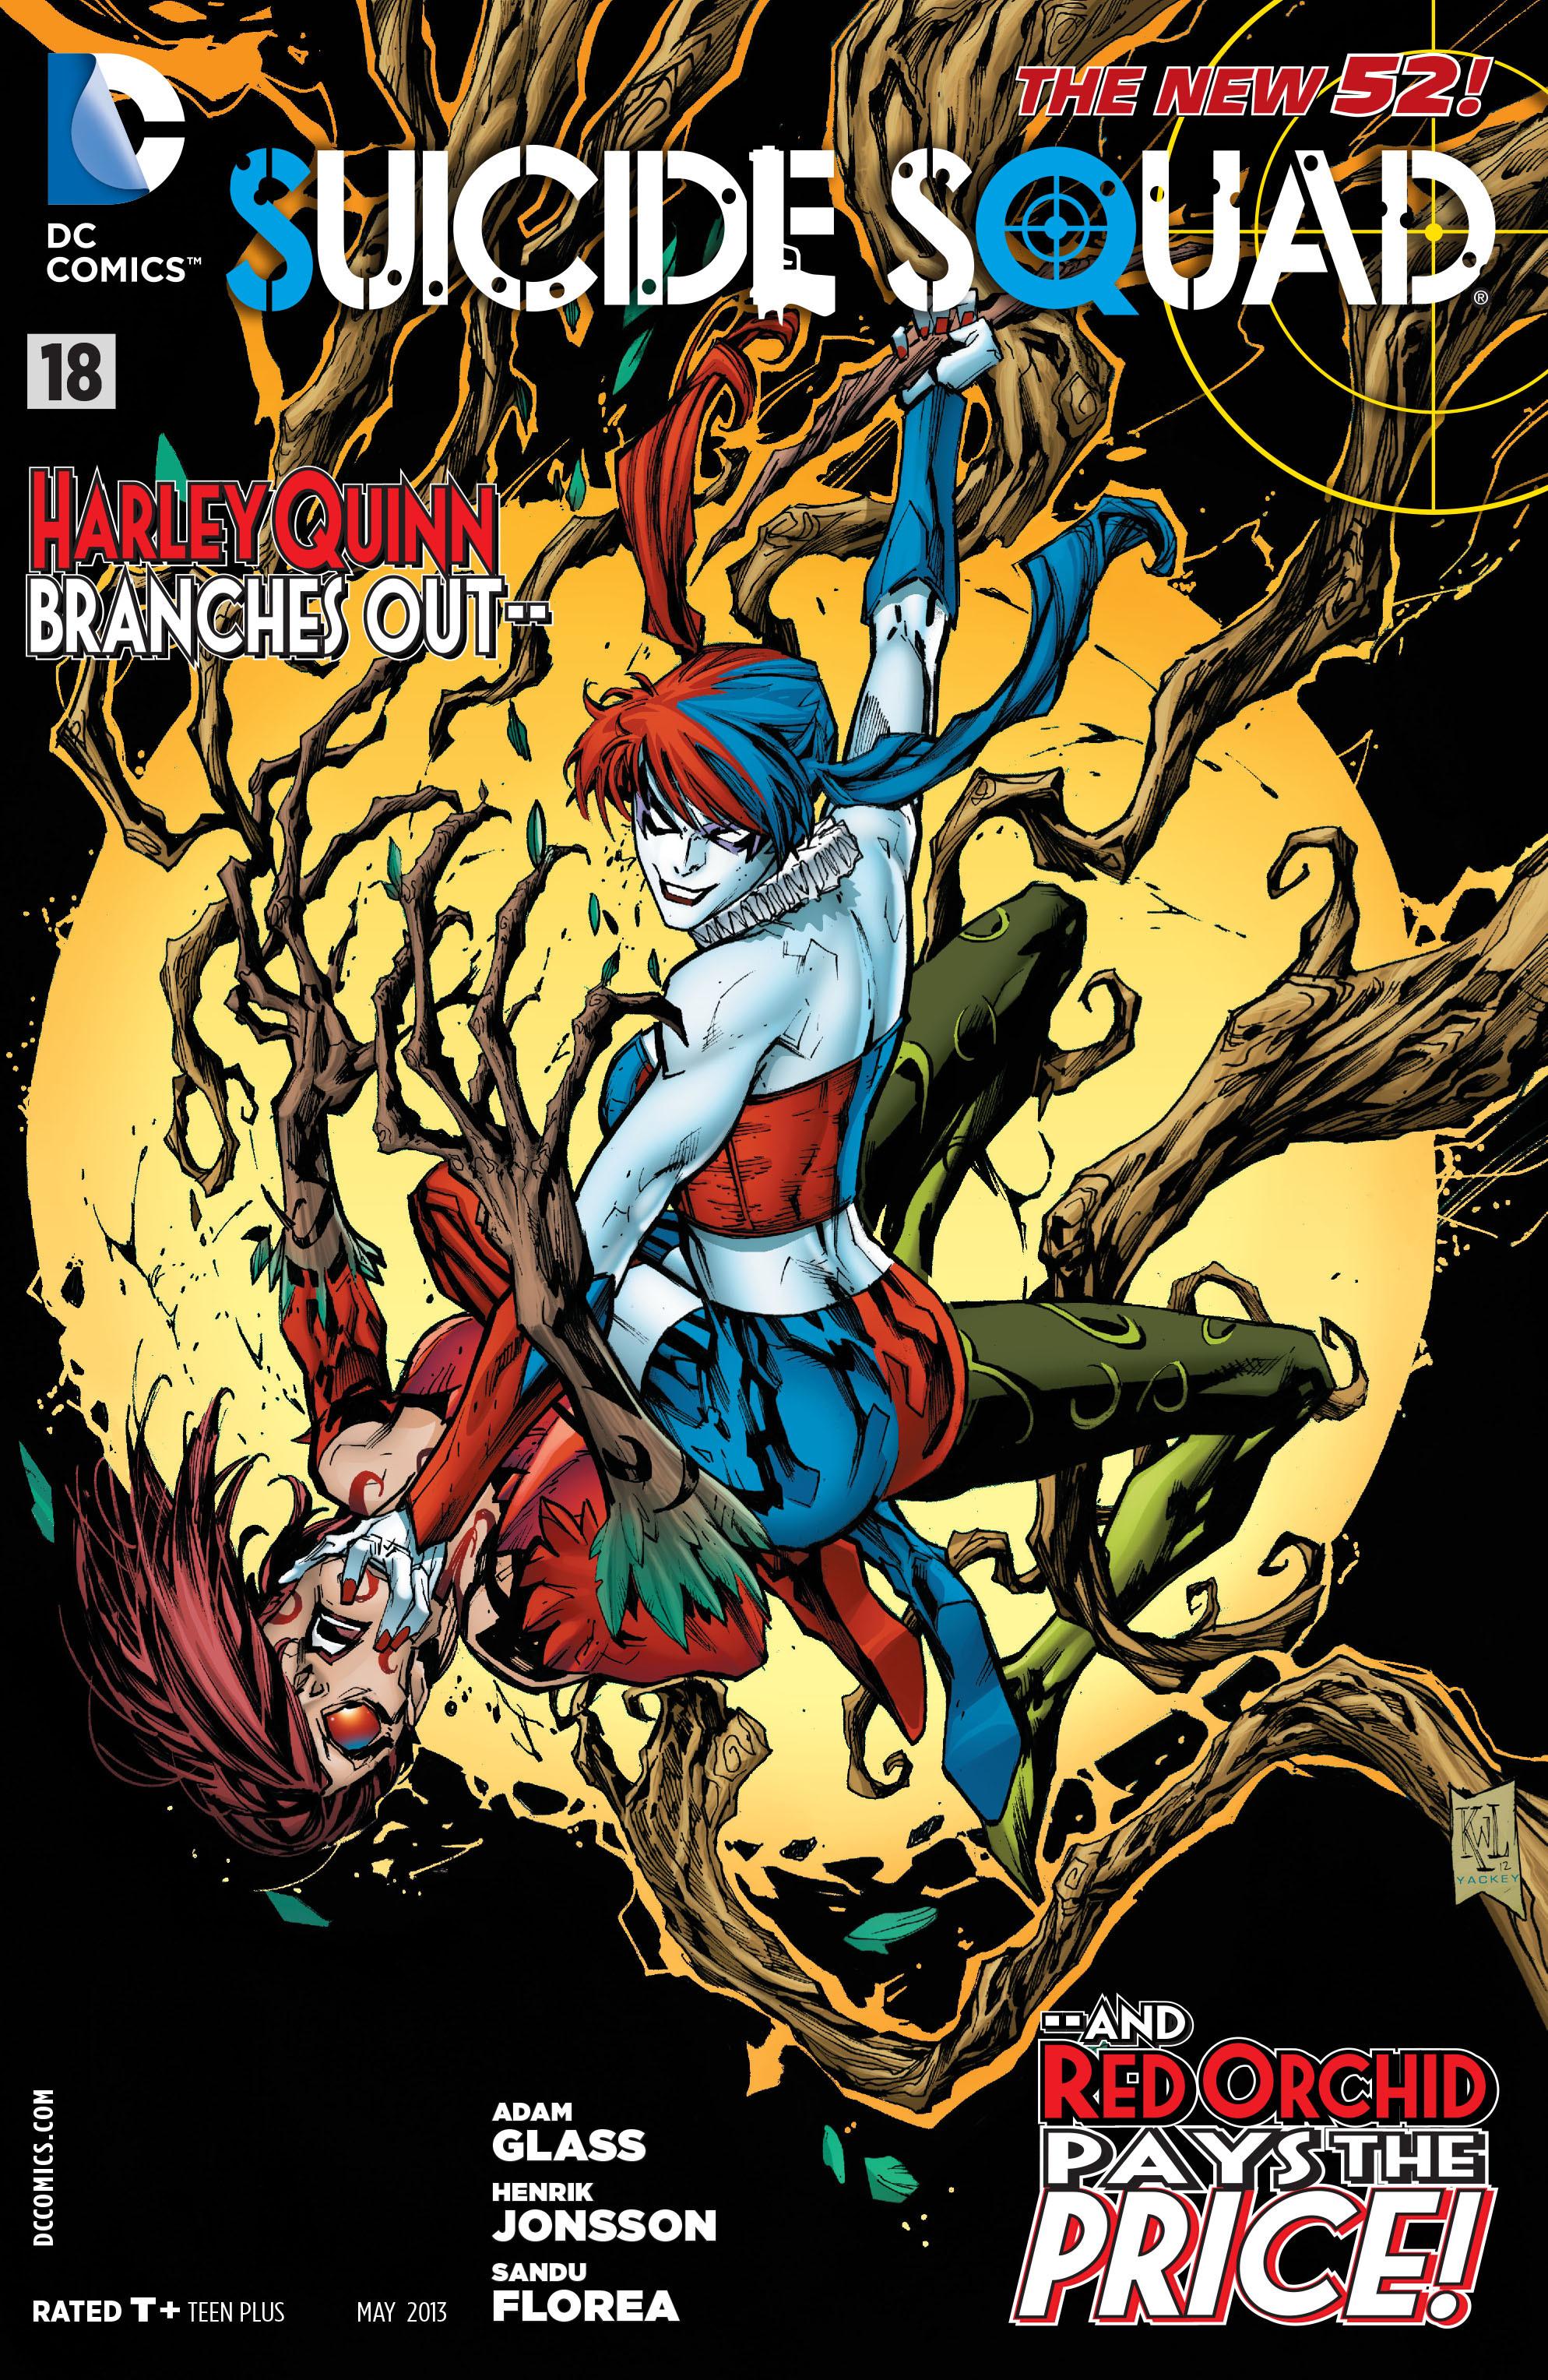 Suicide Squad Vol.4 #18